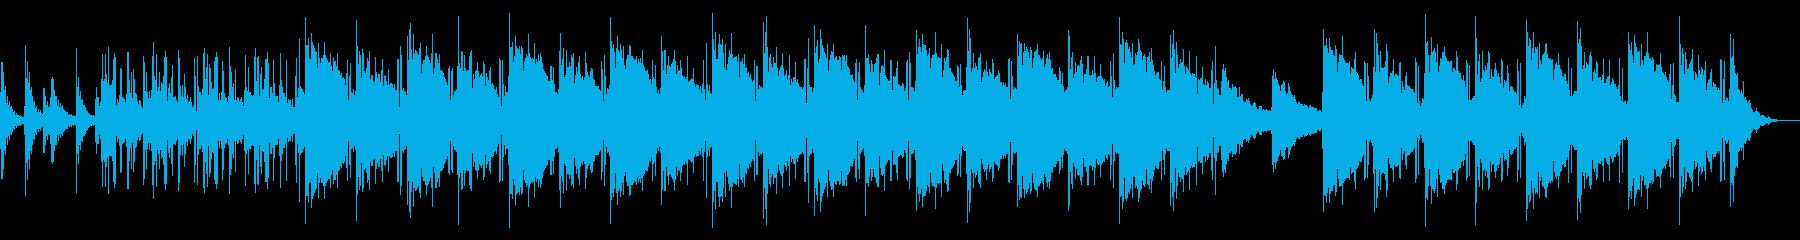 おしゃれでシンプルなローファイビートの再生済みの波形